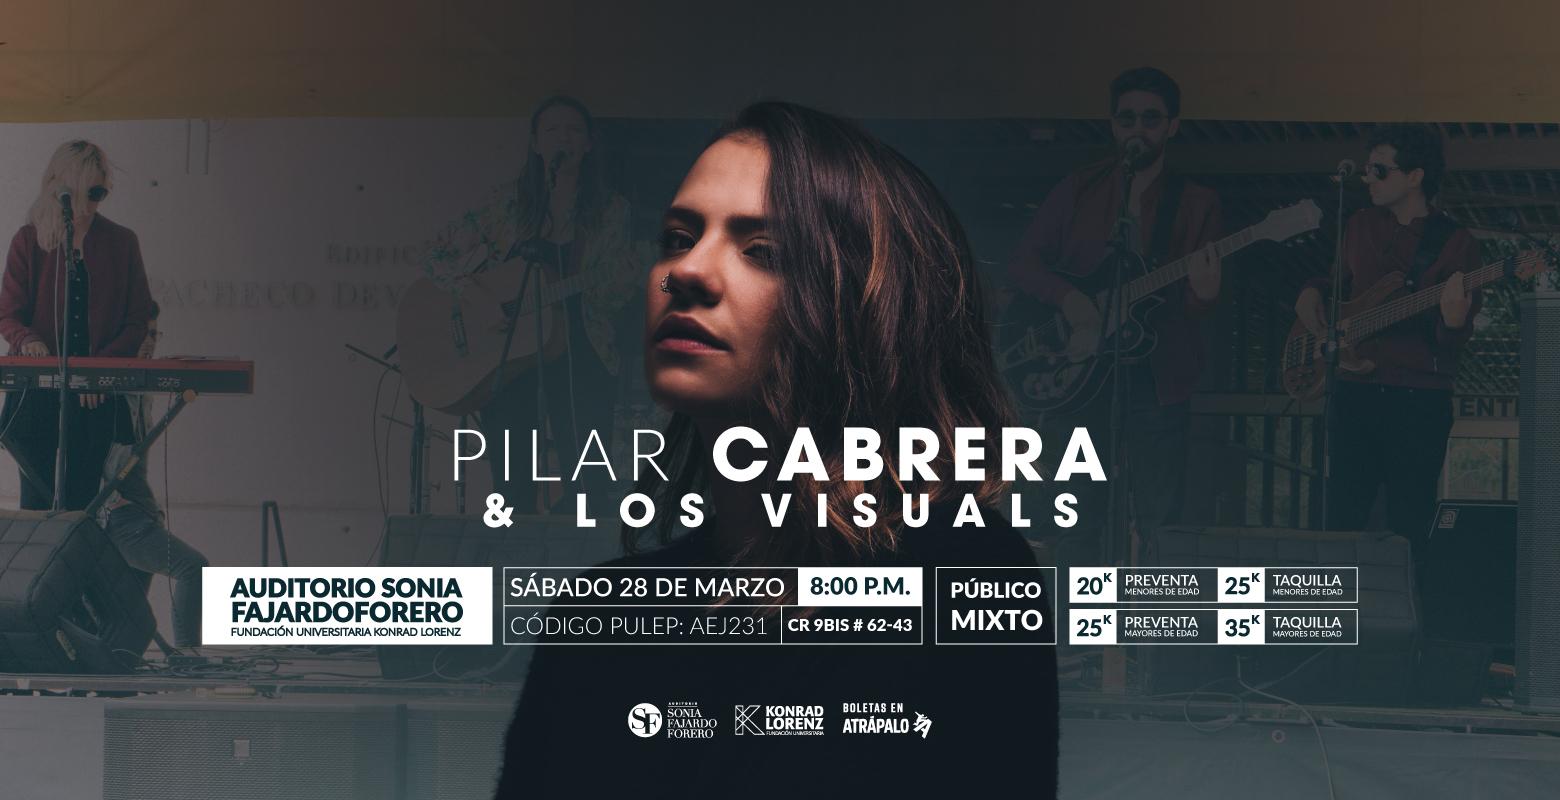 Pilar Cabrera y Los Visuals